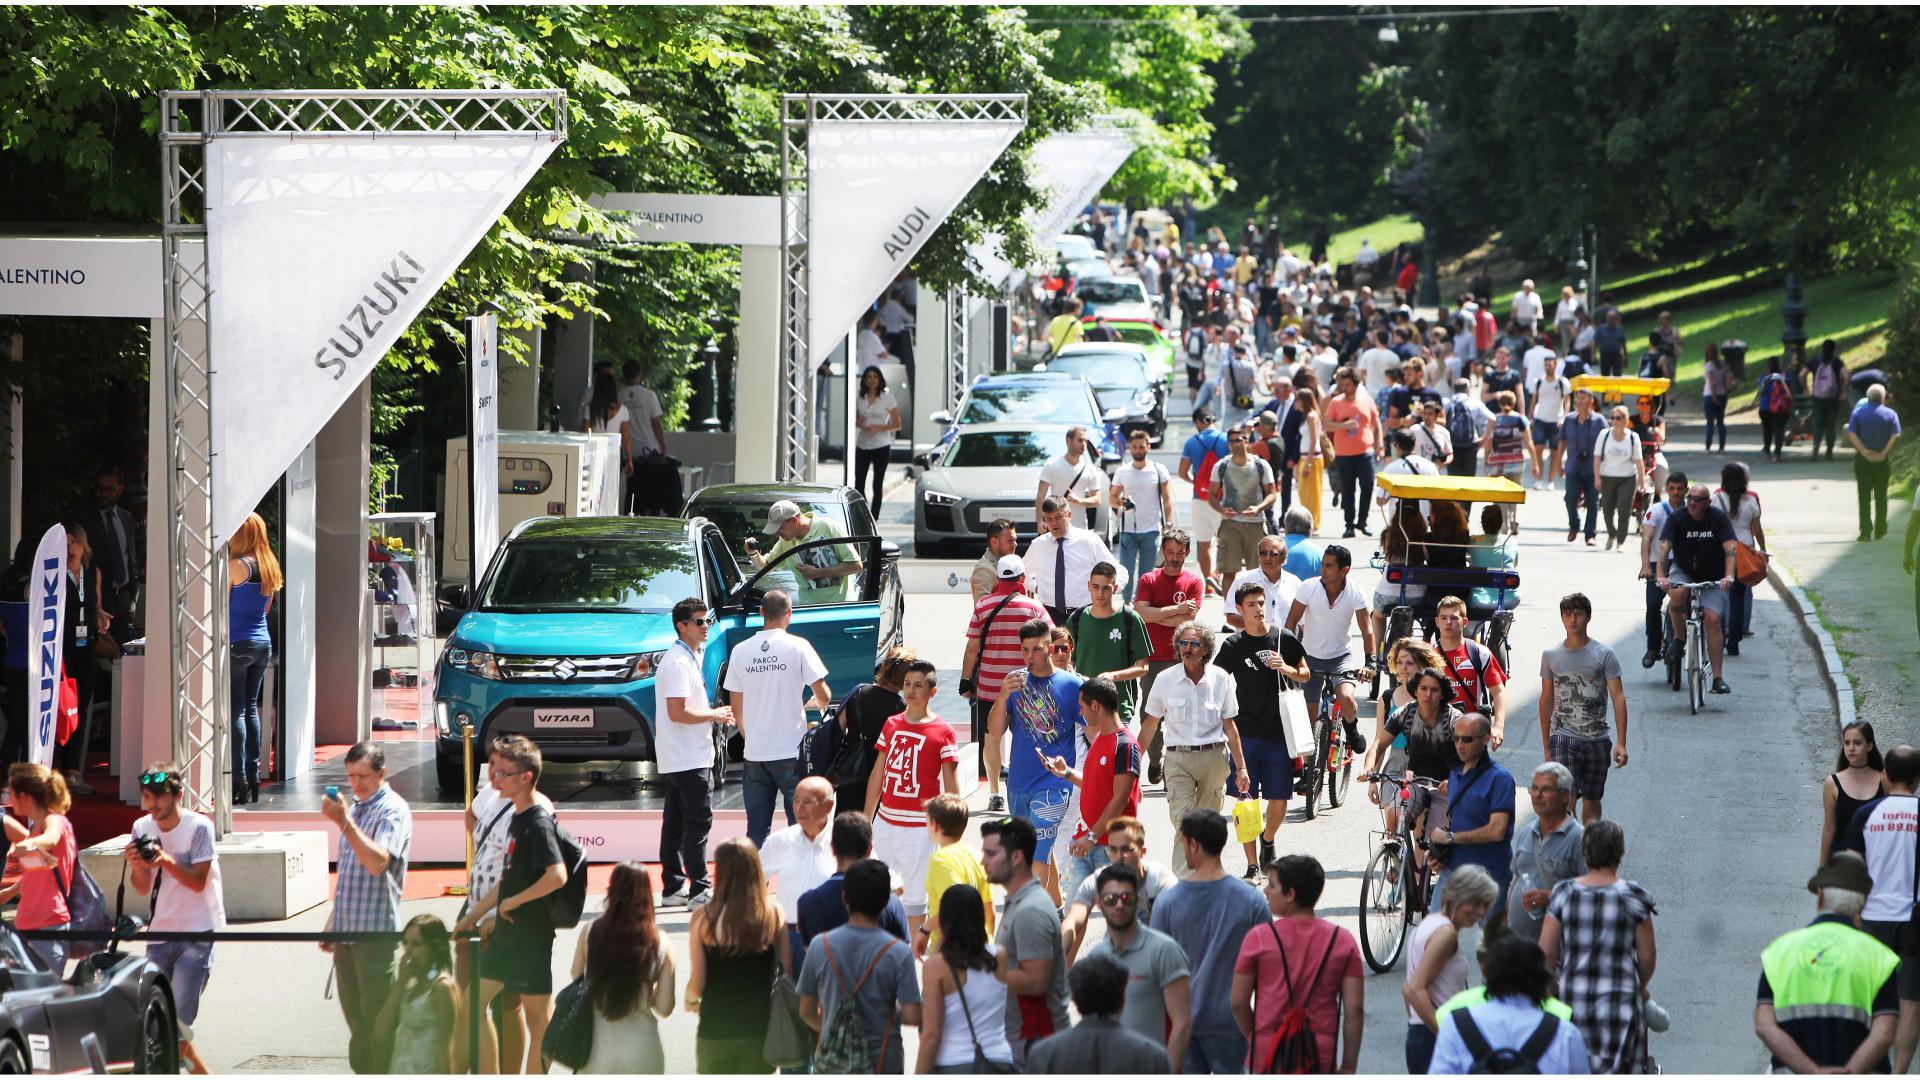 Salone dell'Auto Torino al Parco del Valentino e Gran Premio: presentata la terza edizione